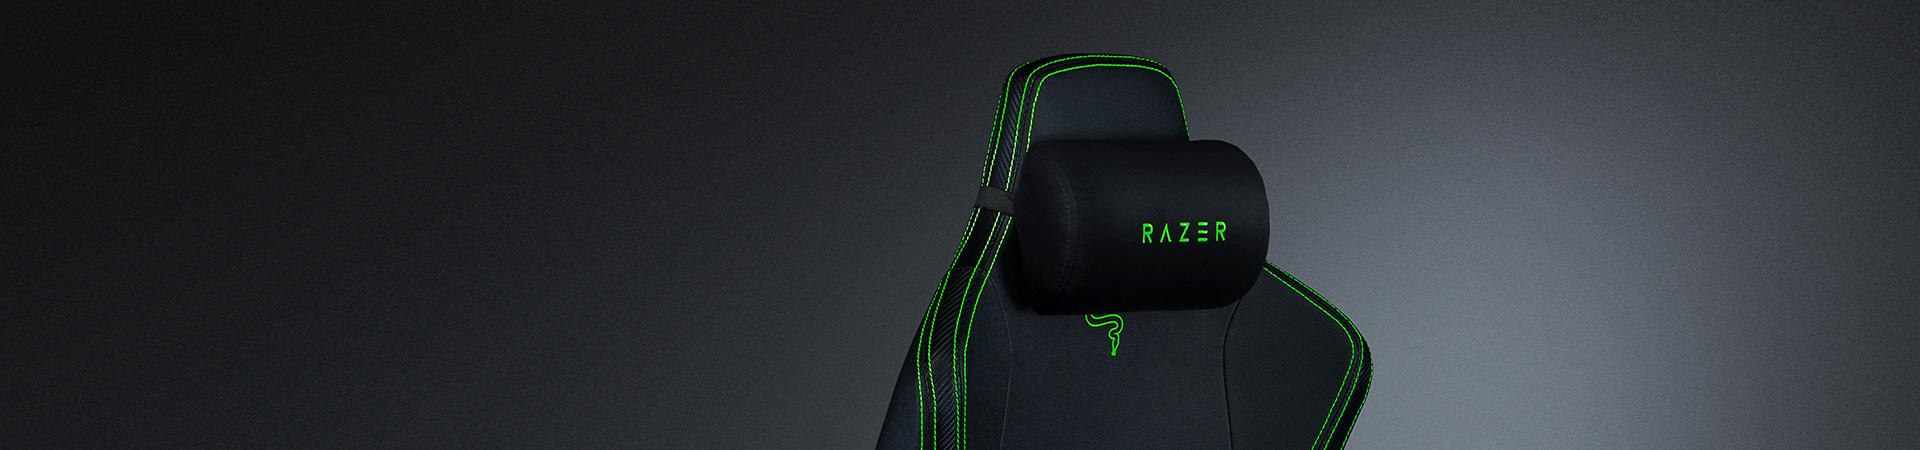 Ghế game Razer Iskur Gaming Chair w/ Lumbar Support  đi kèm gối memory foam vô cùng mềm mại và thoải mái